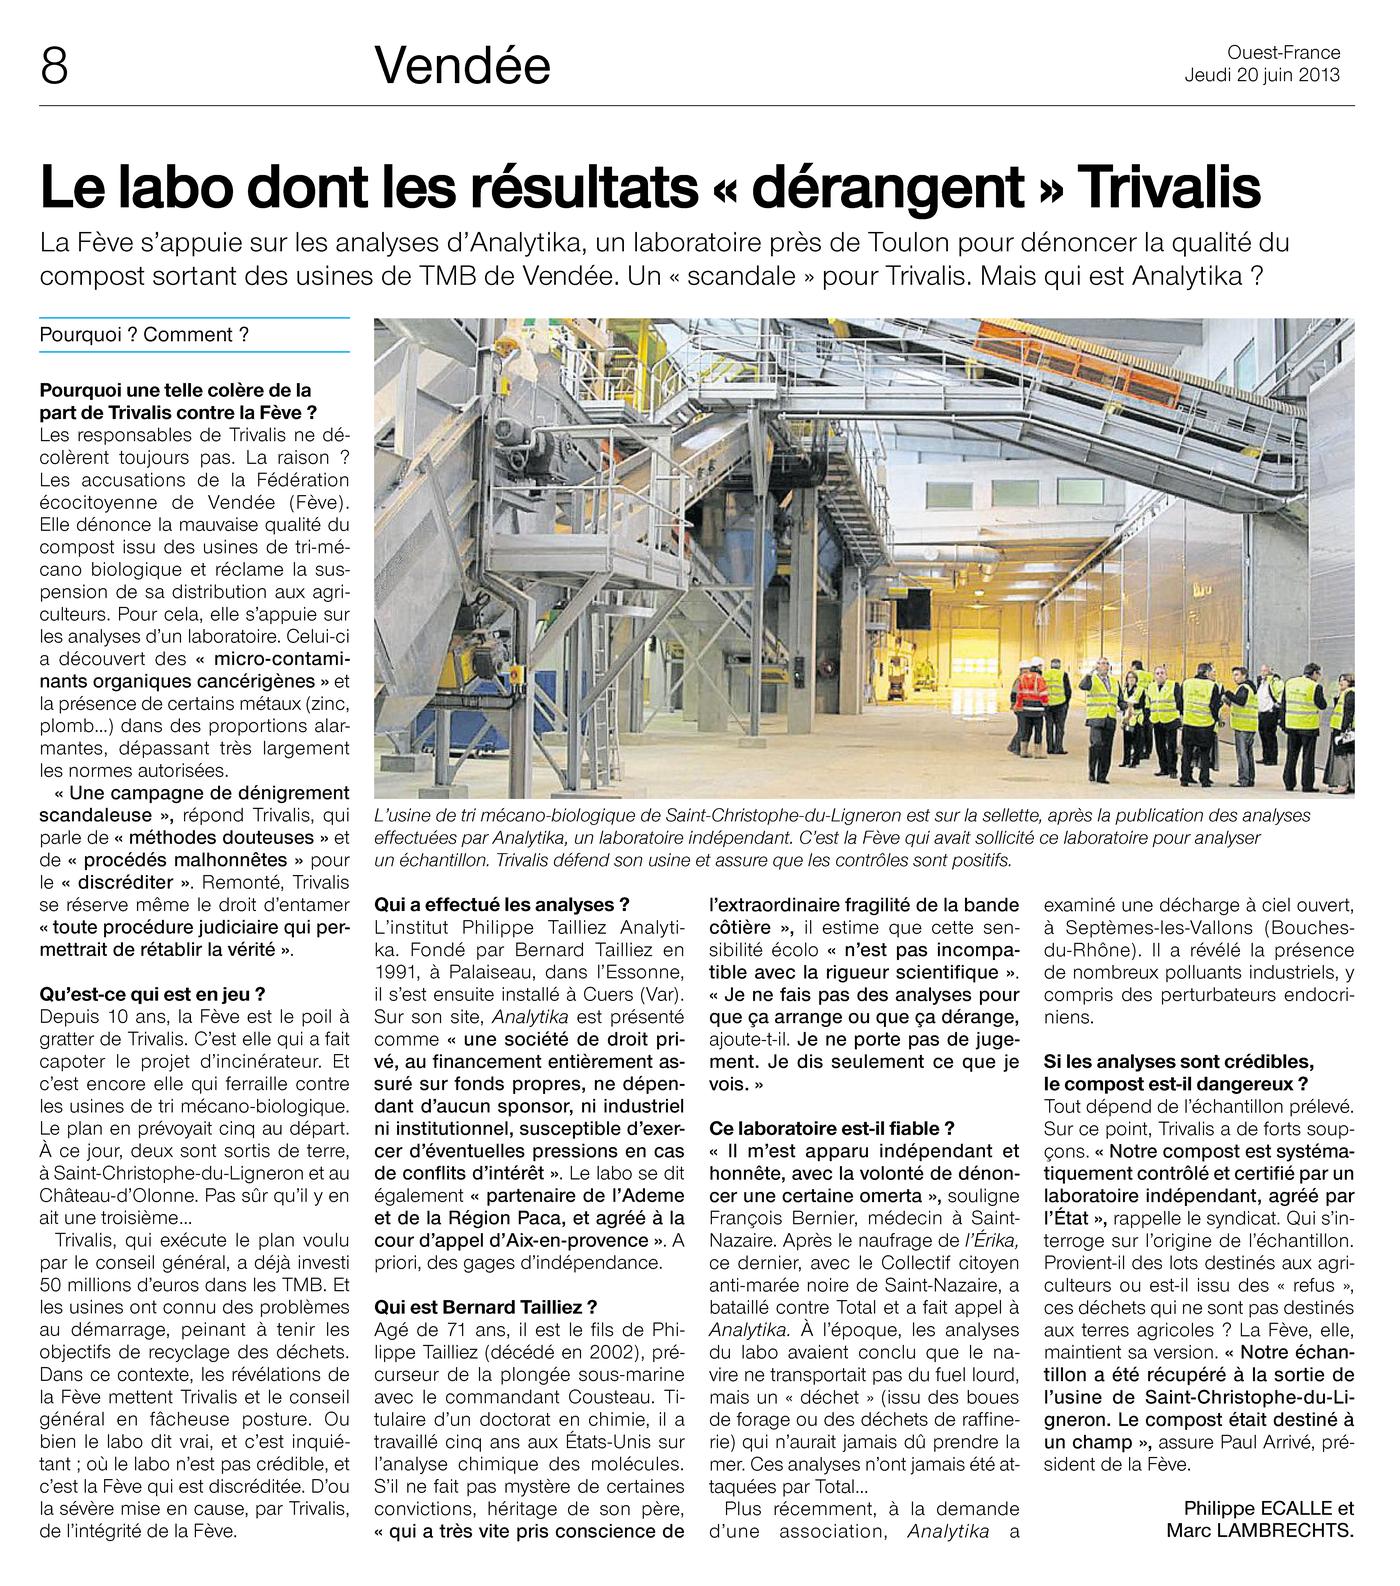 """20.06.2013 > OUEST-FRANCE Pays de la Loire : """"Le labo dont les résultats « dérangent » Trivalis"""""""